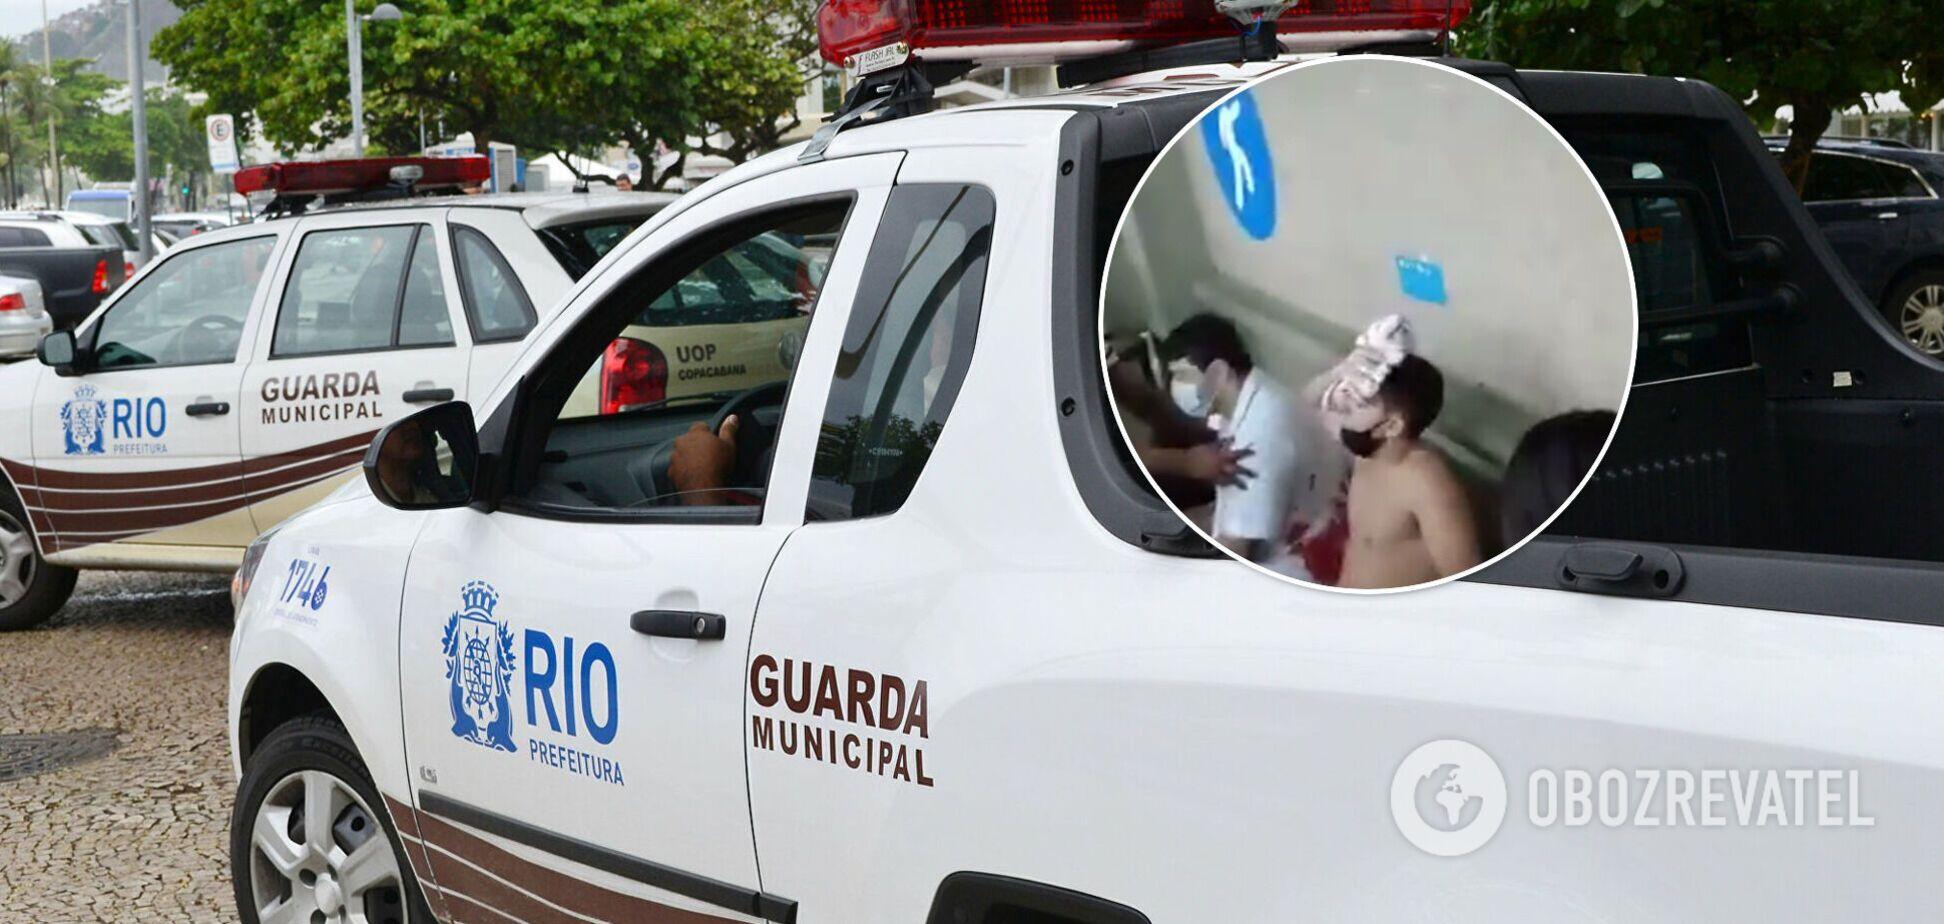 У метро Ріо-де-Жанейро під час перестрілки загинули 25 осіб. Фото та відео 18+